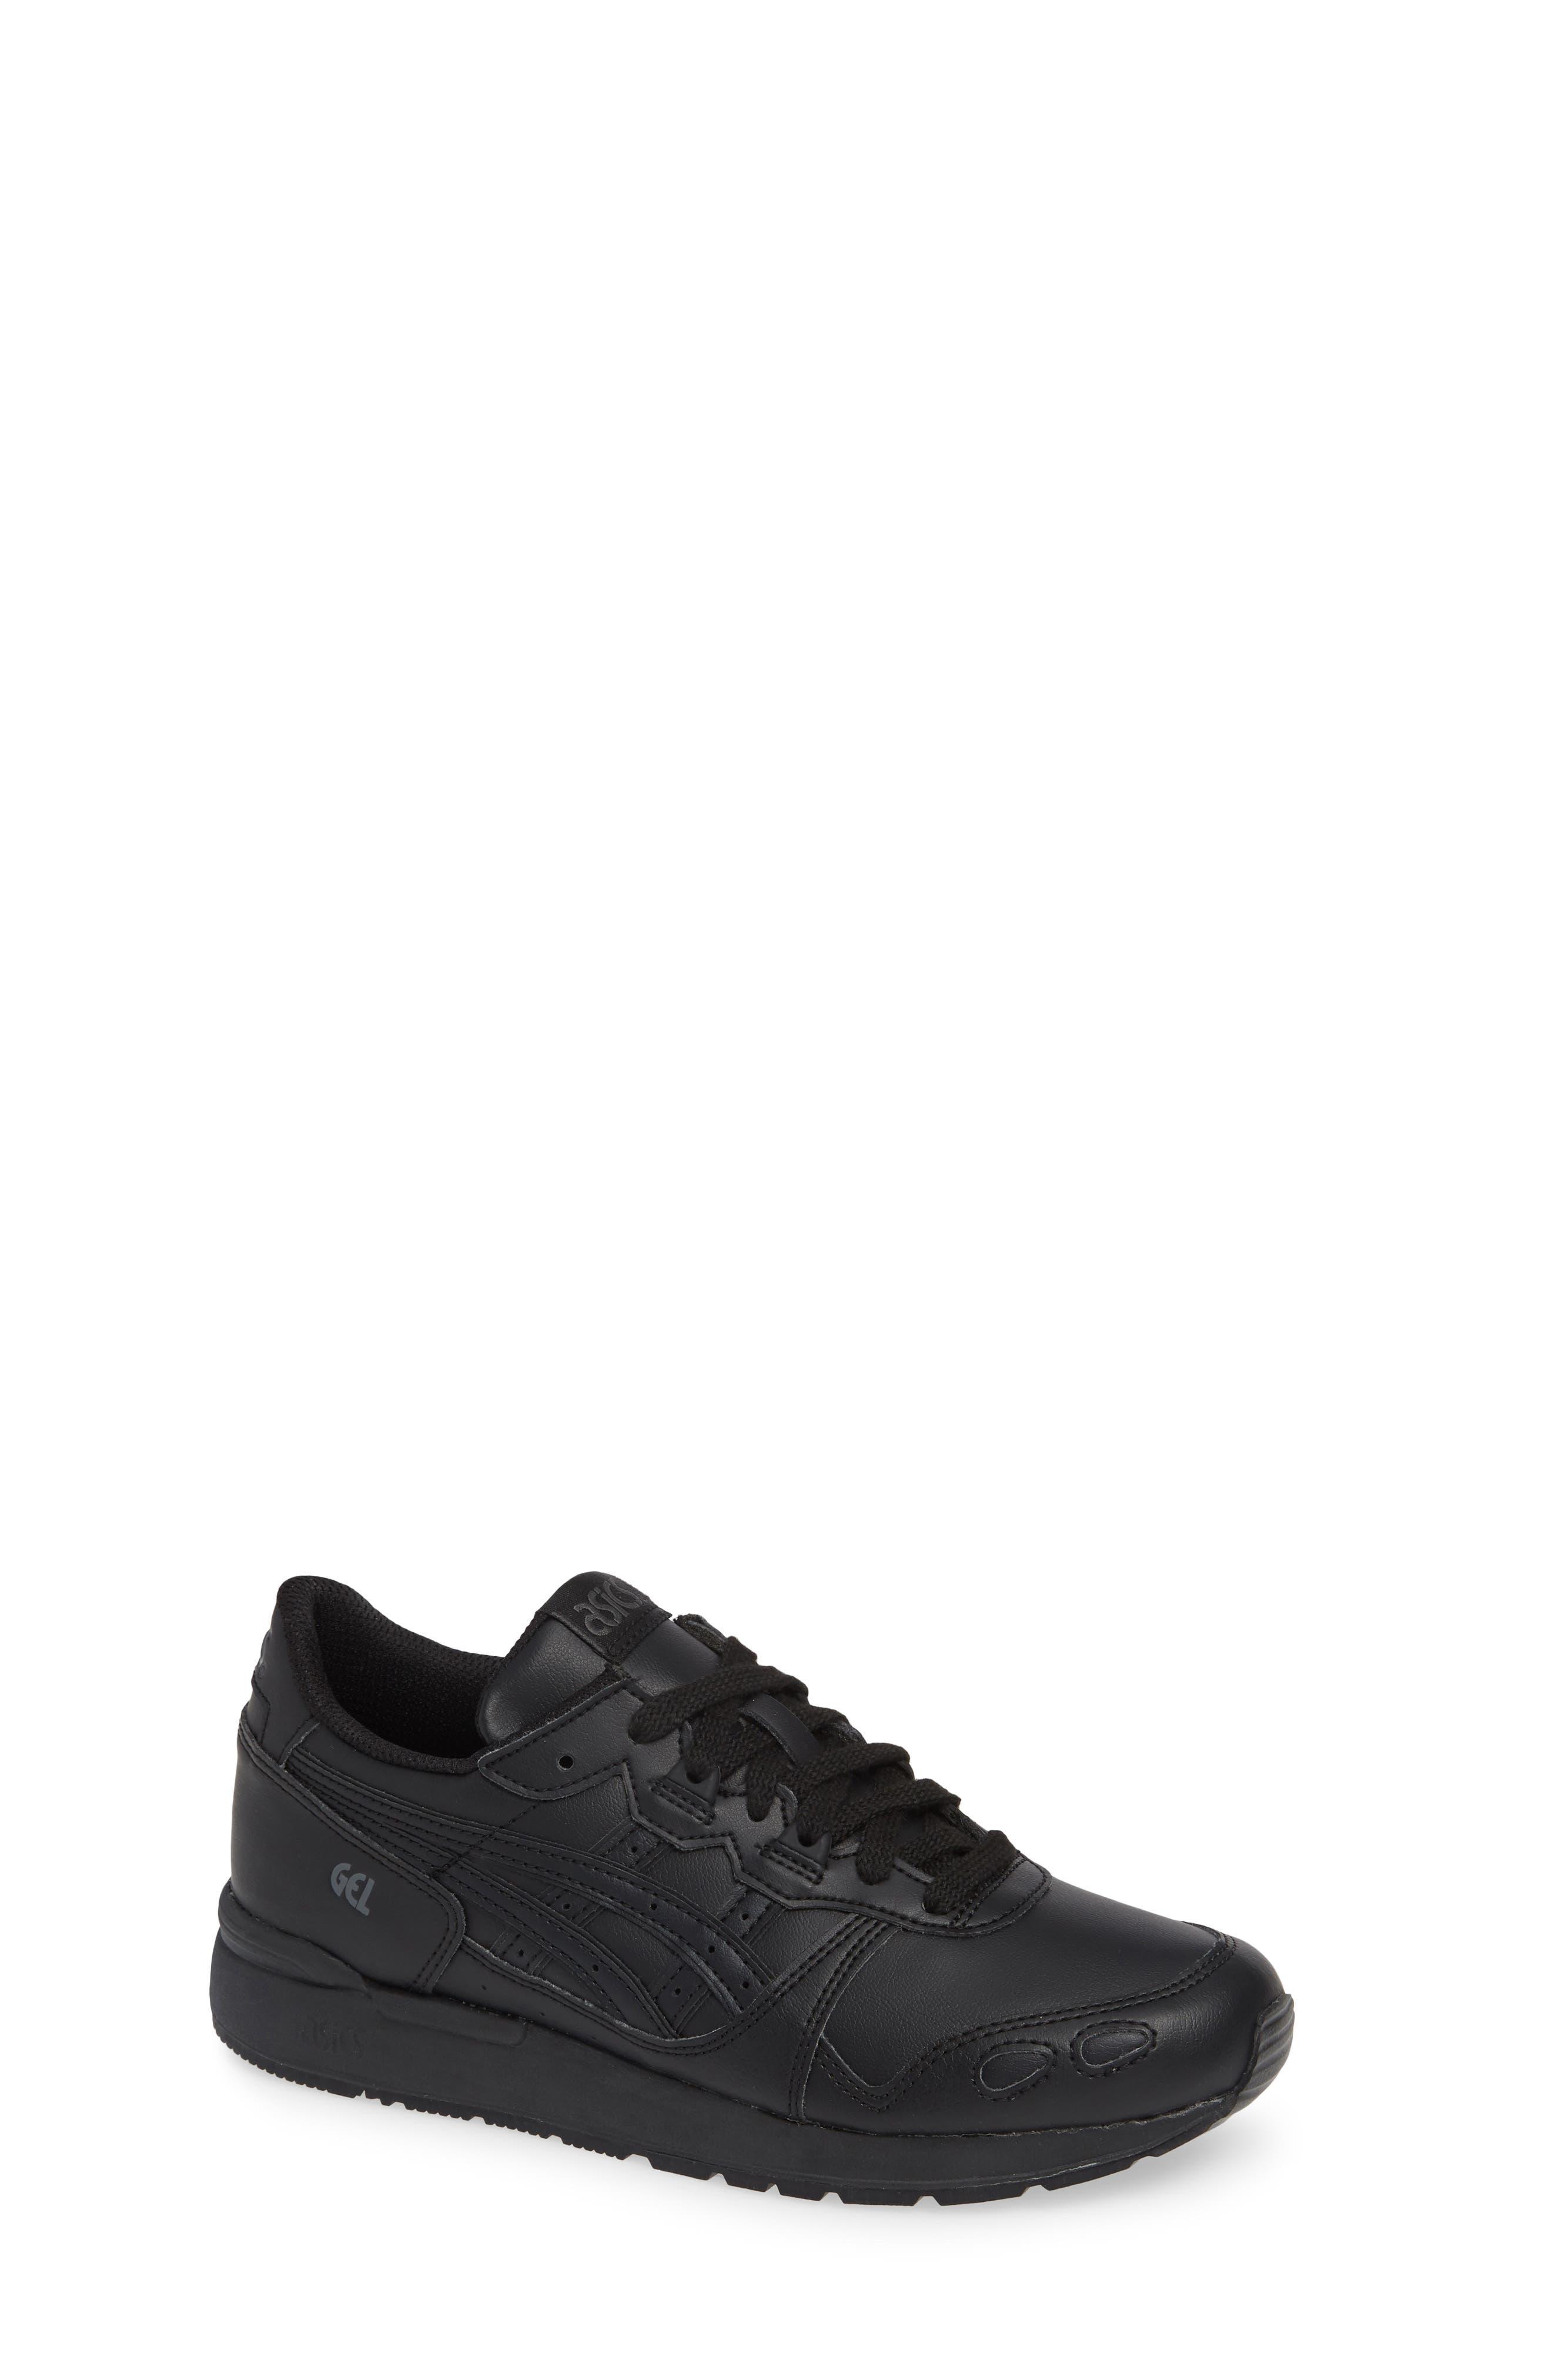 GEL-Lyte III Sneaker,                         Main,                         color, BLACK/ BLACK